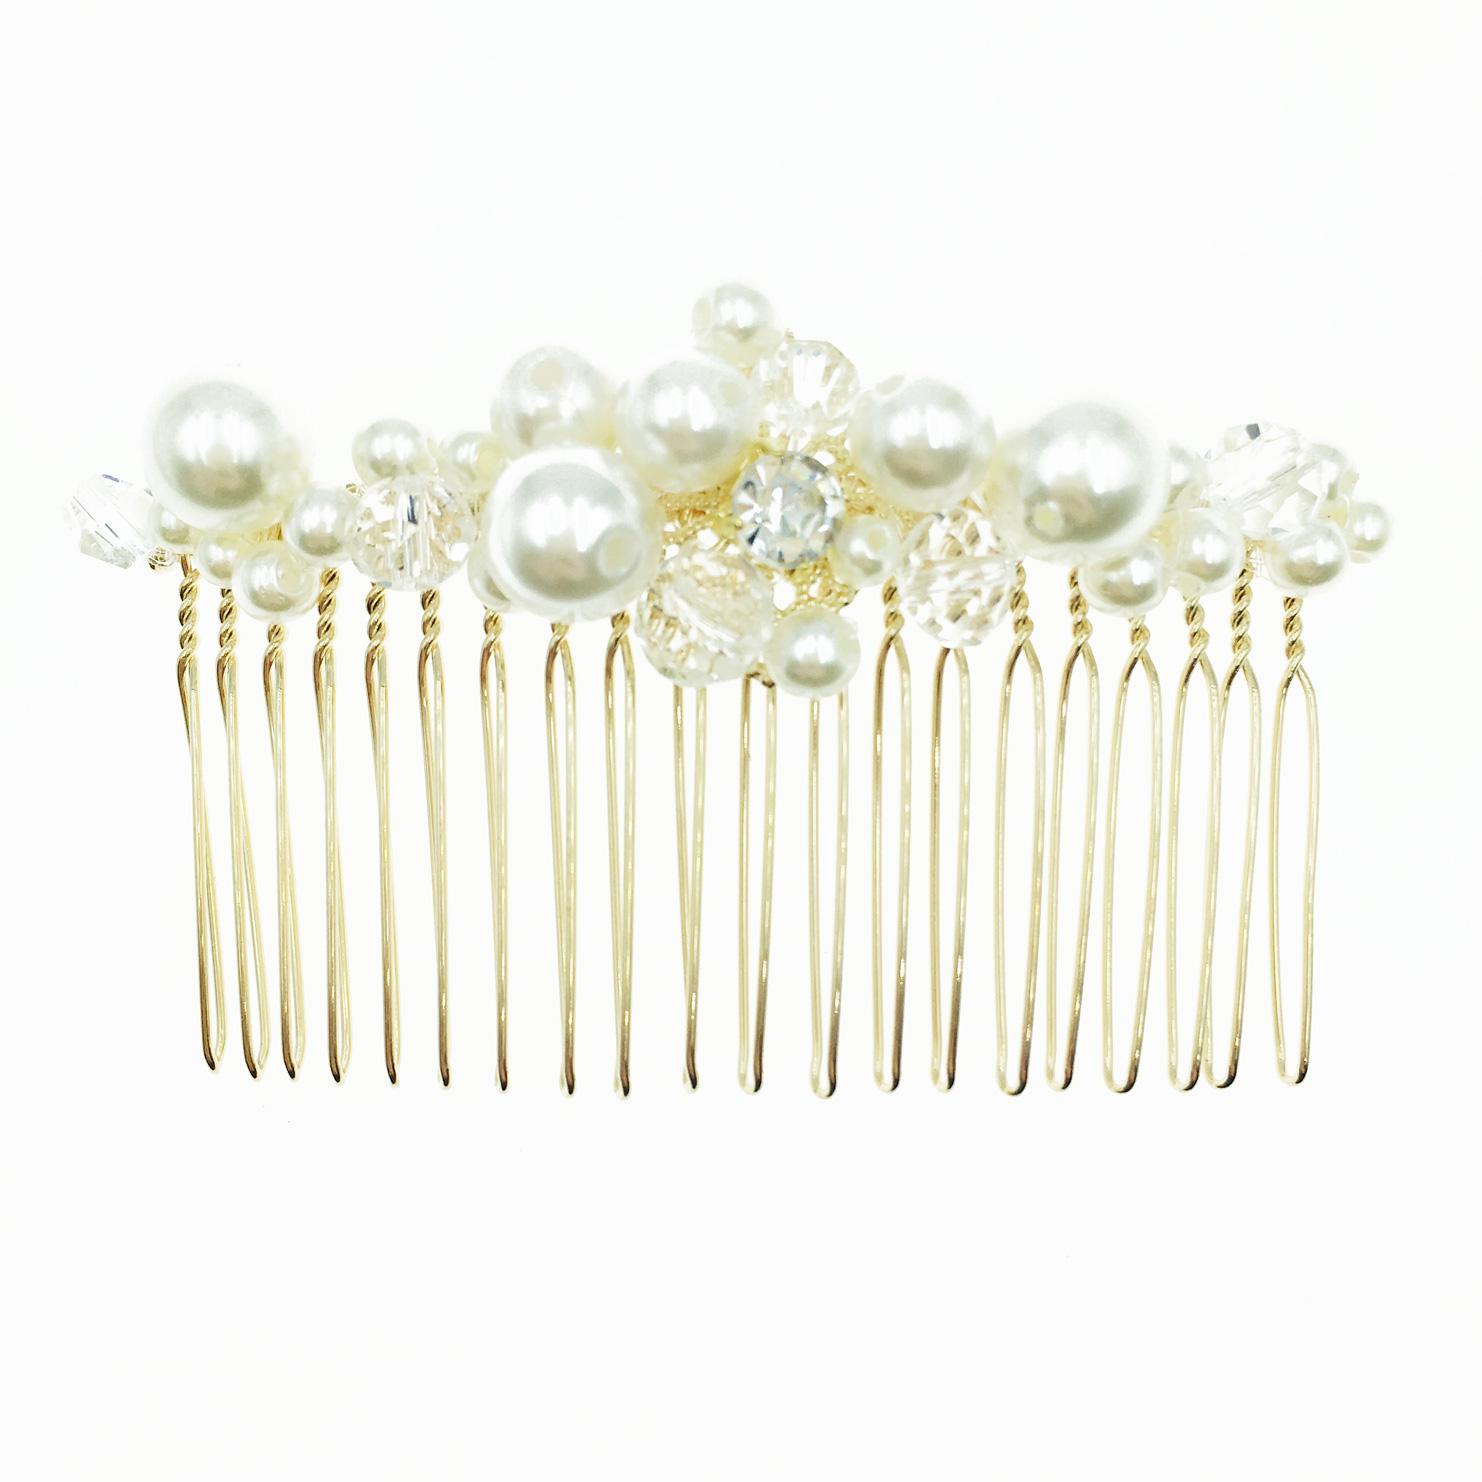 韓國 氣質珍珠 水鑽 透明水晶 優雅高貴 髮飾 髮插